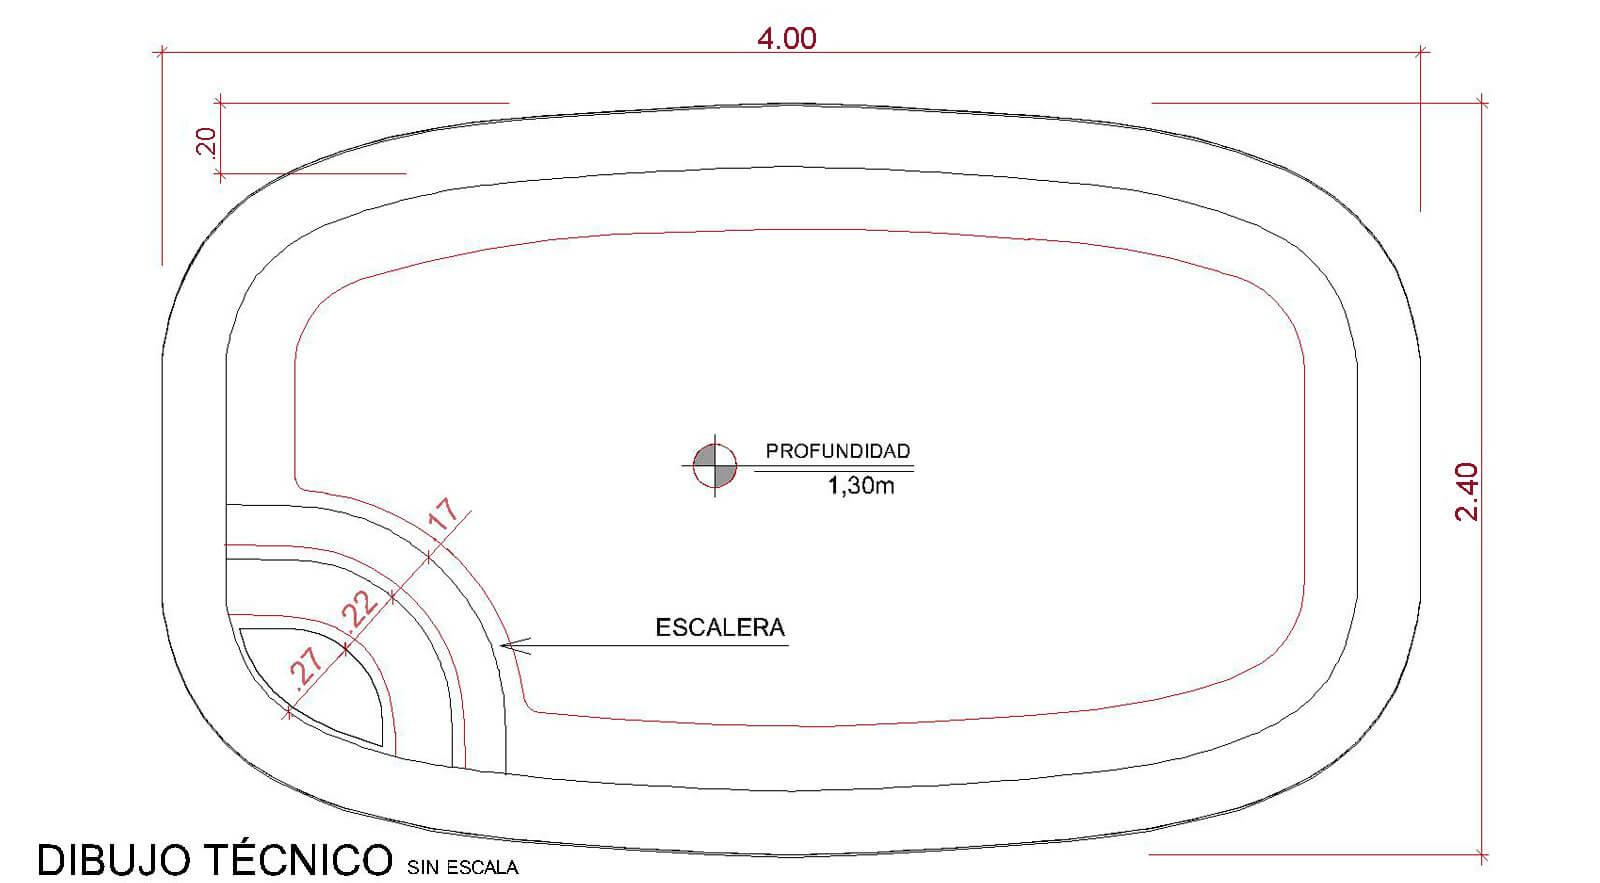 Dibujos técnicos Pescara (sin escala)